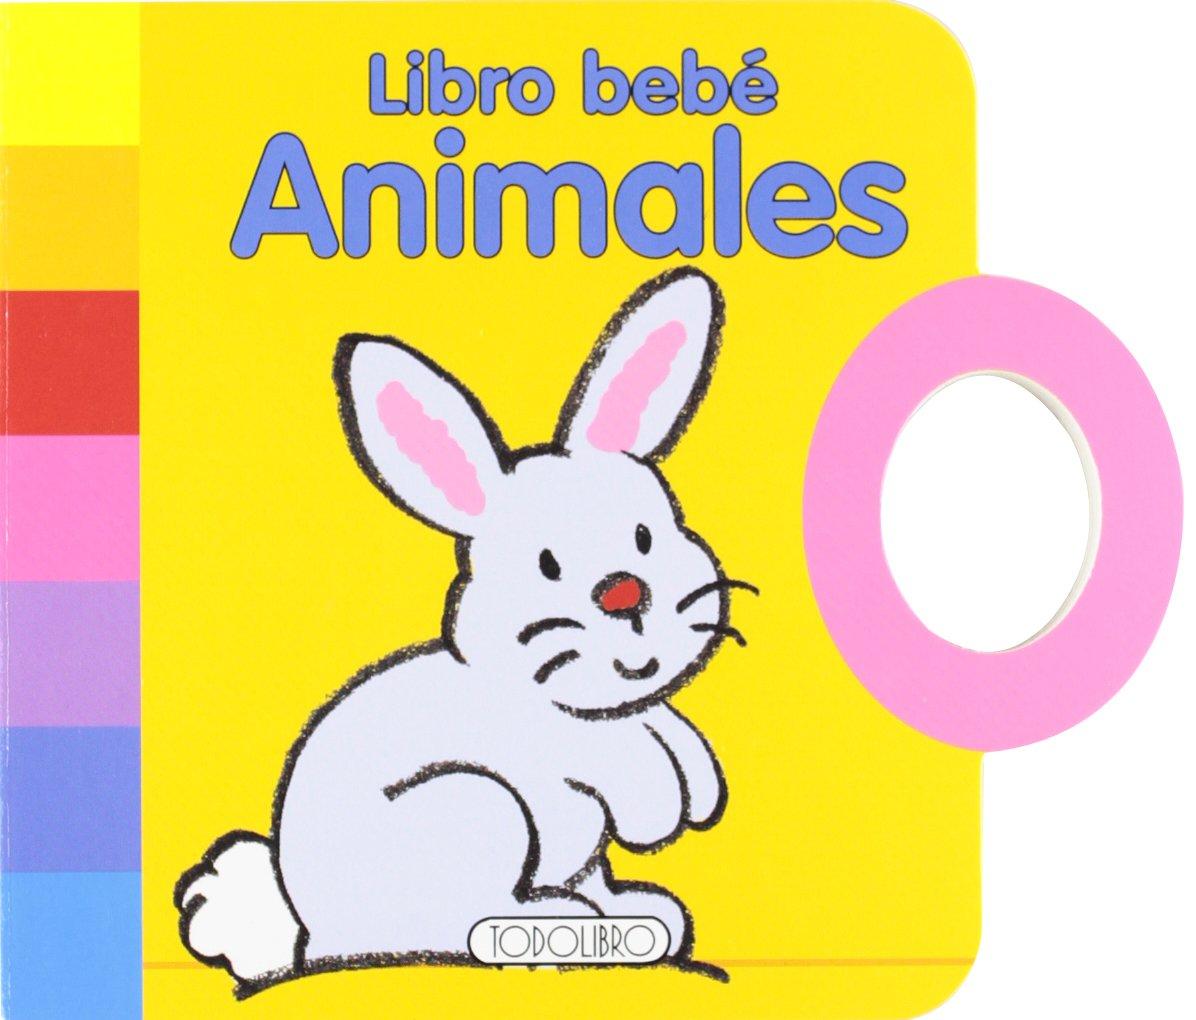 Animales (Libro bebé)